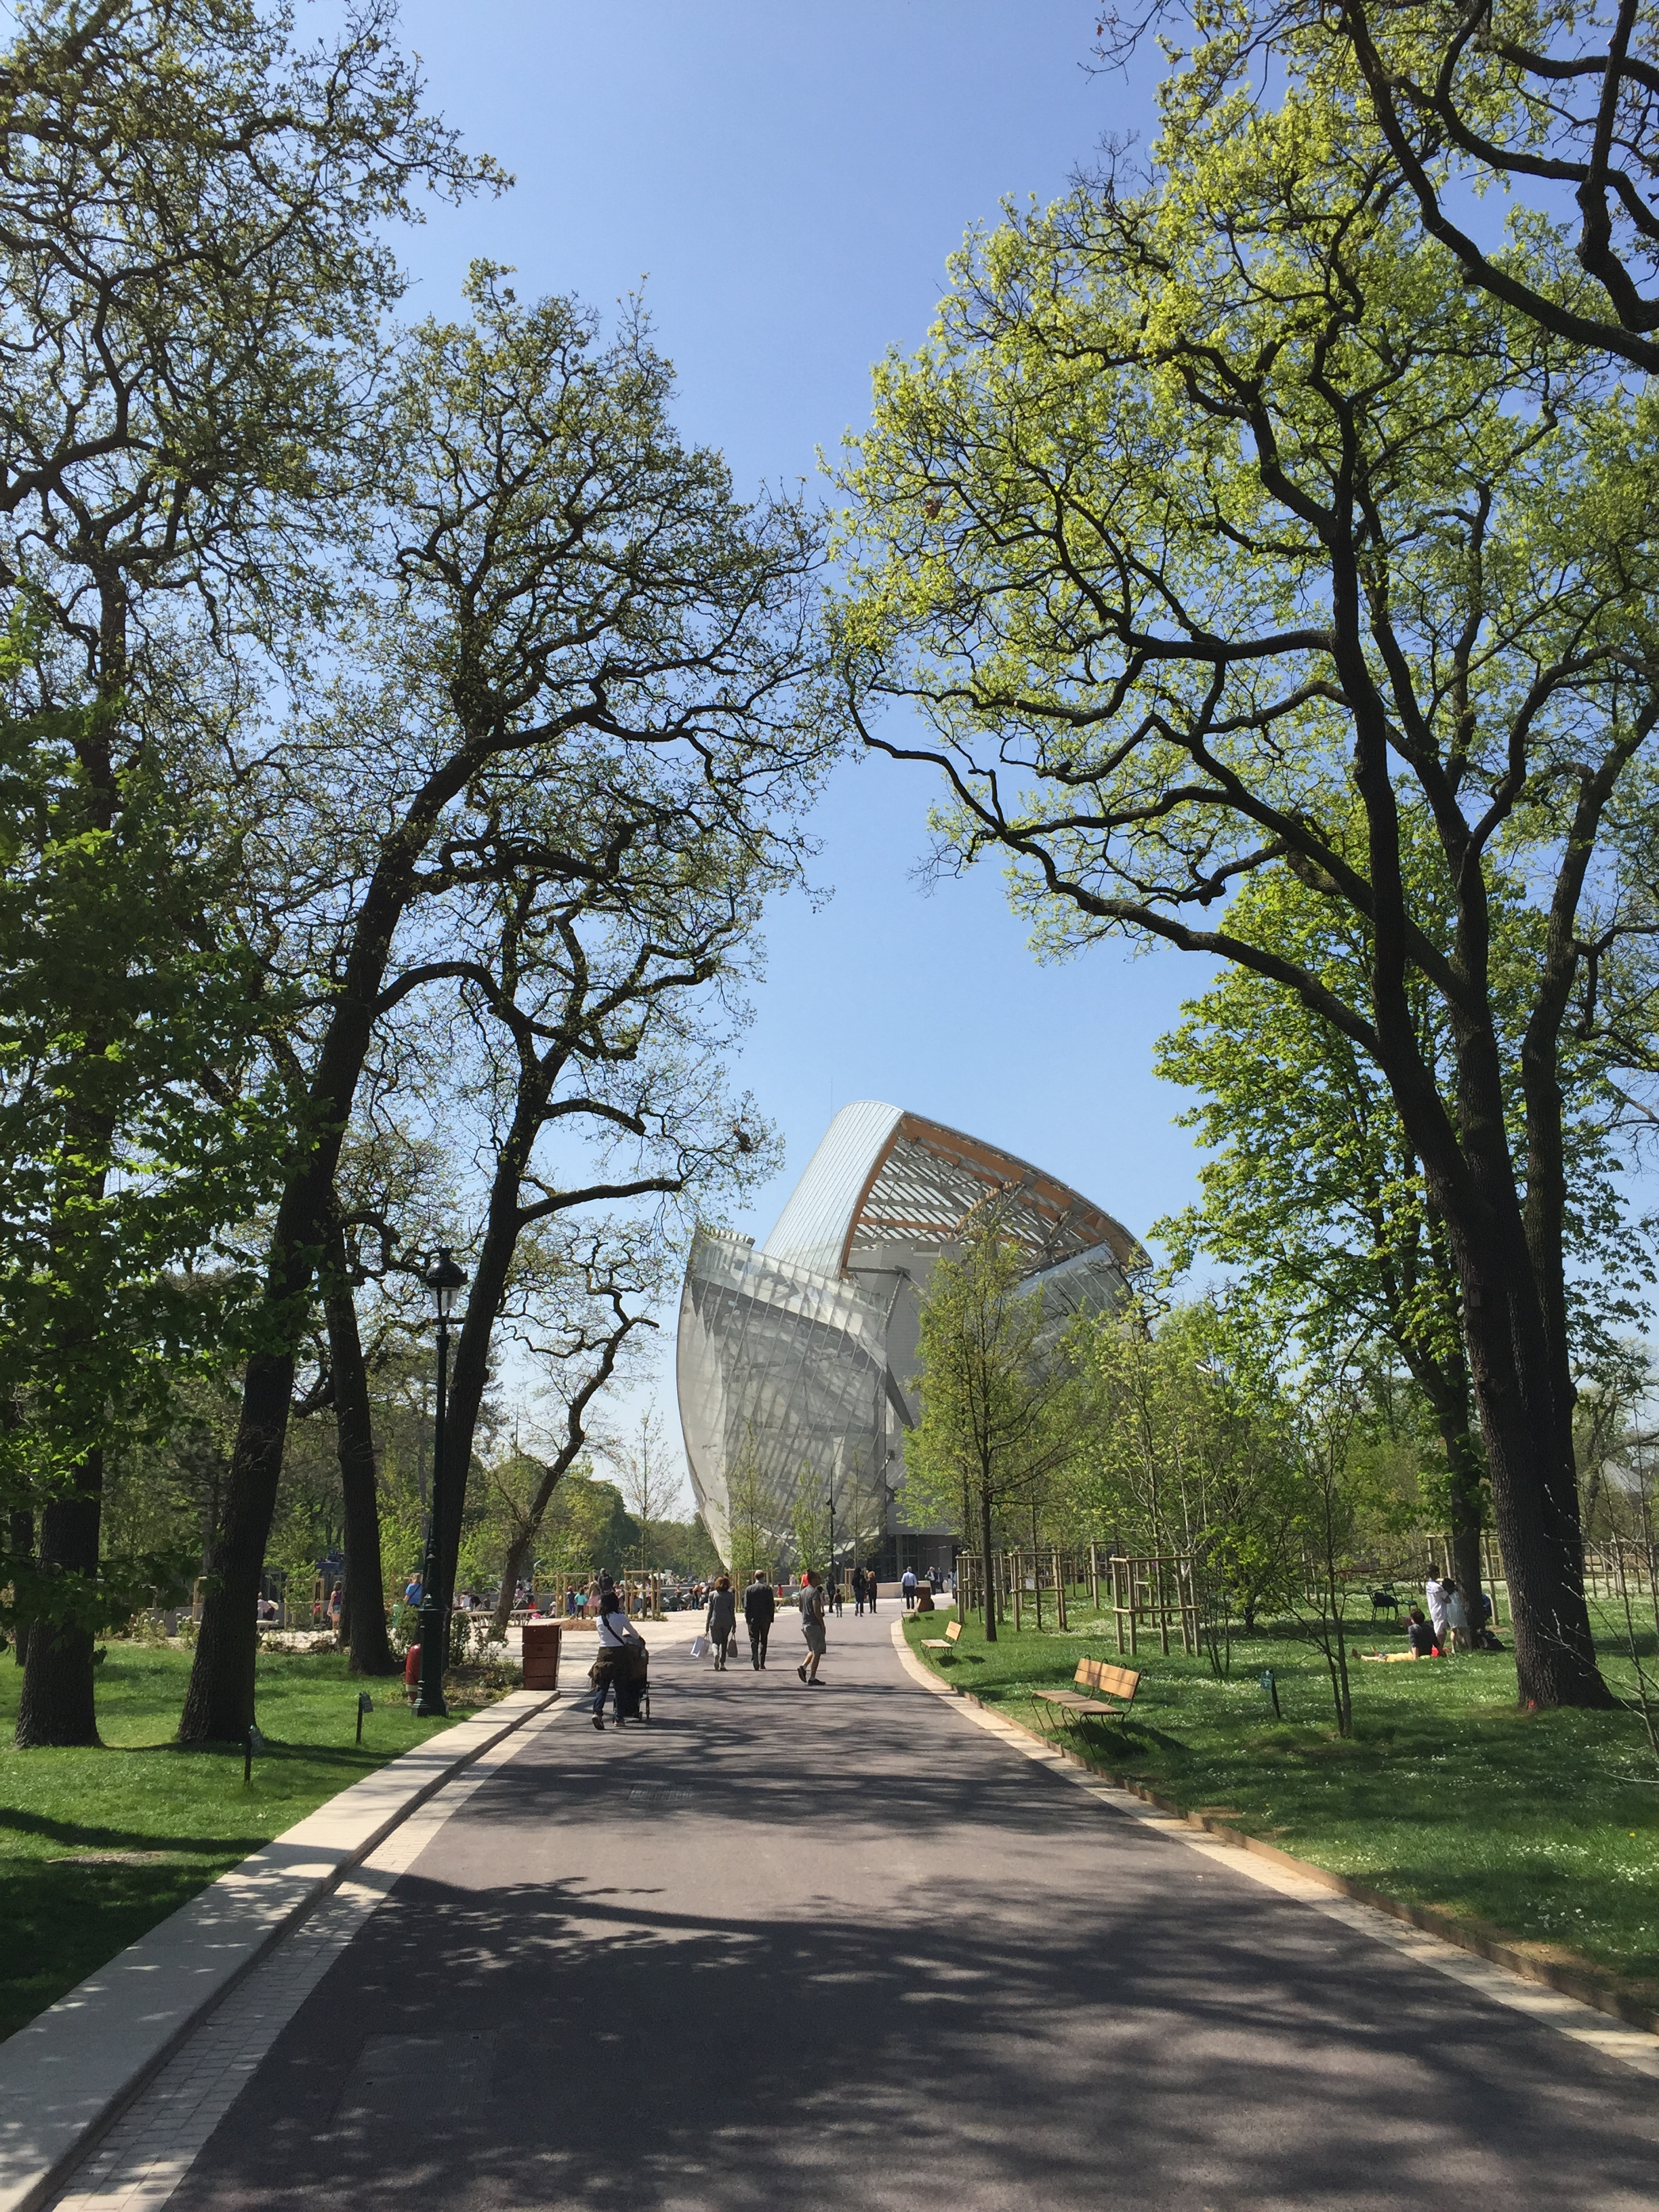 Fondation Louis Vuitton e Jardin D'Acclimatation